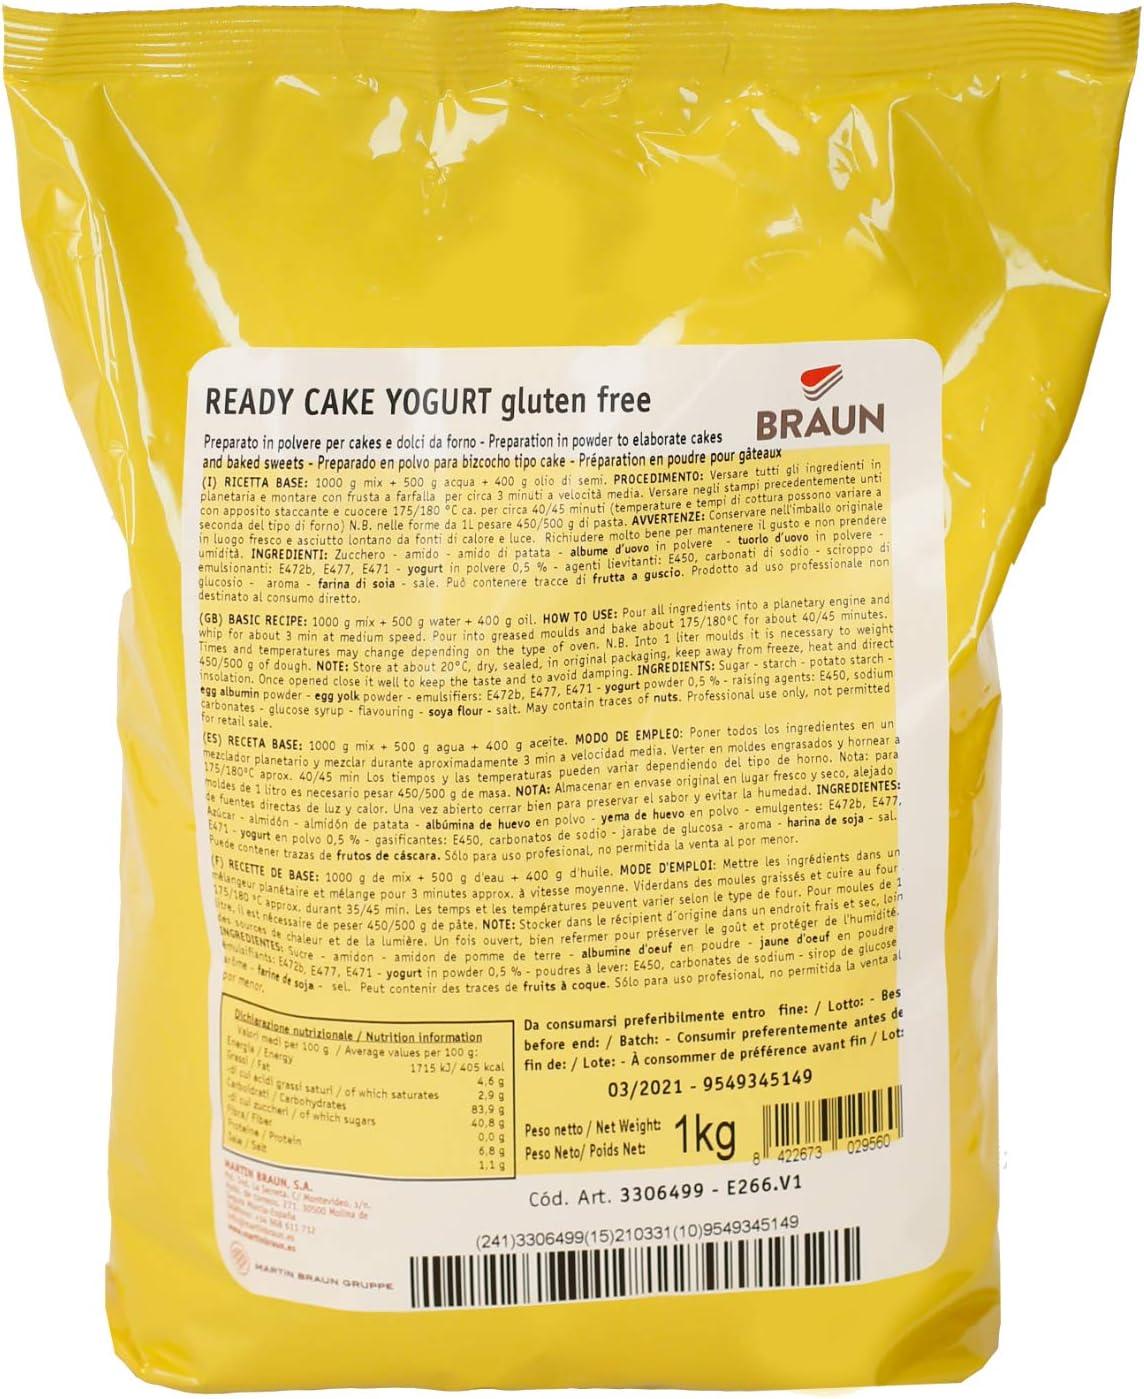 READY CAKE YOGURT - Preparado sin gluten para bizcocho sabor yogurt - 1 kg